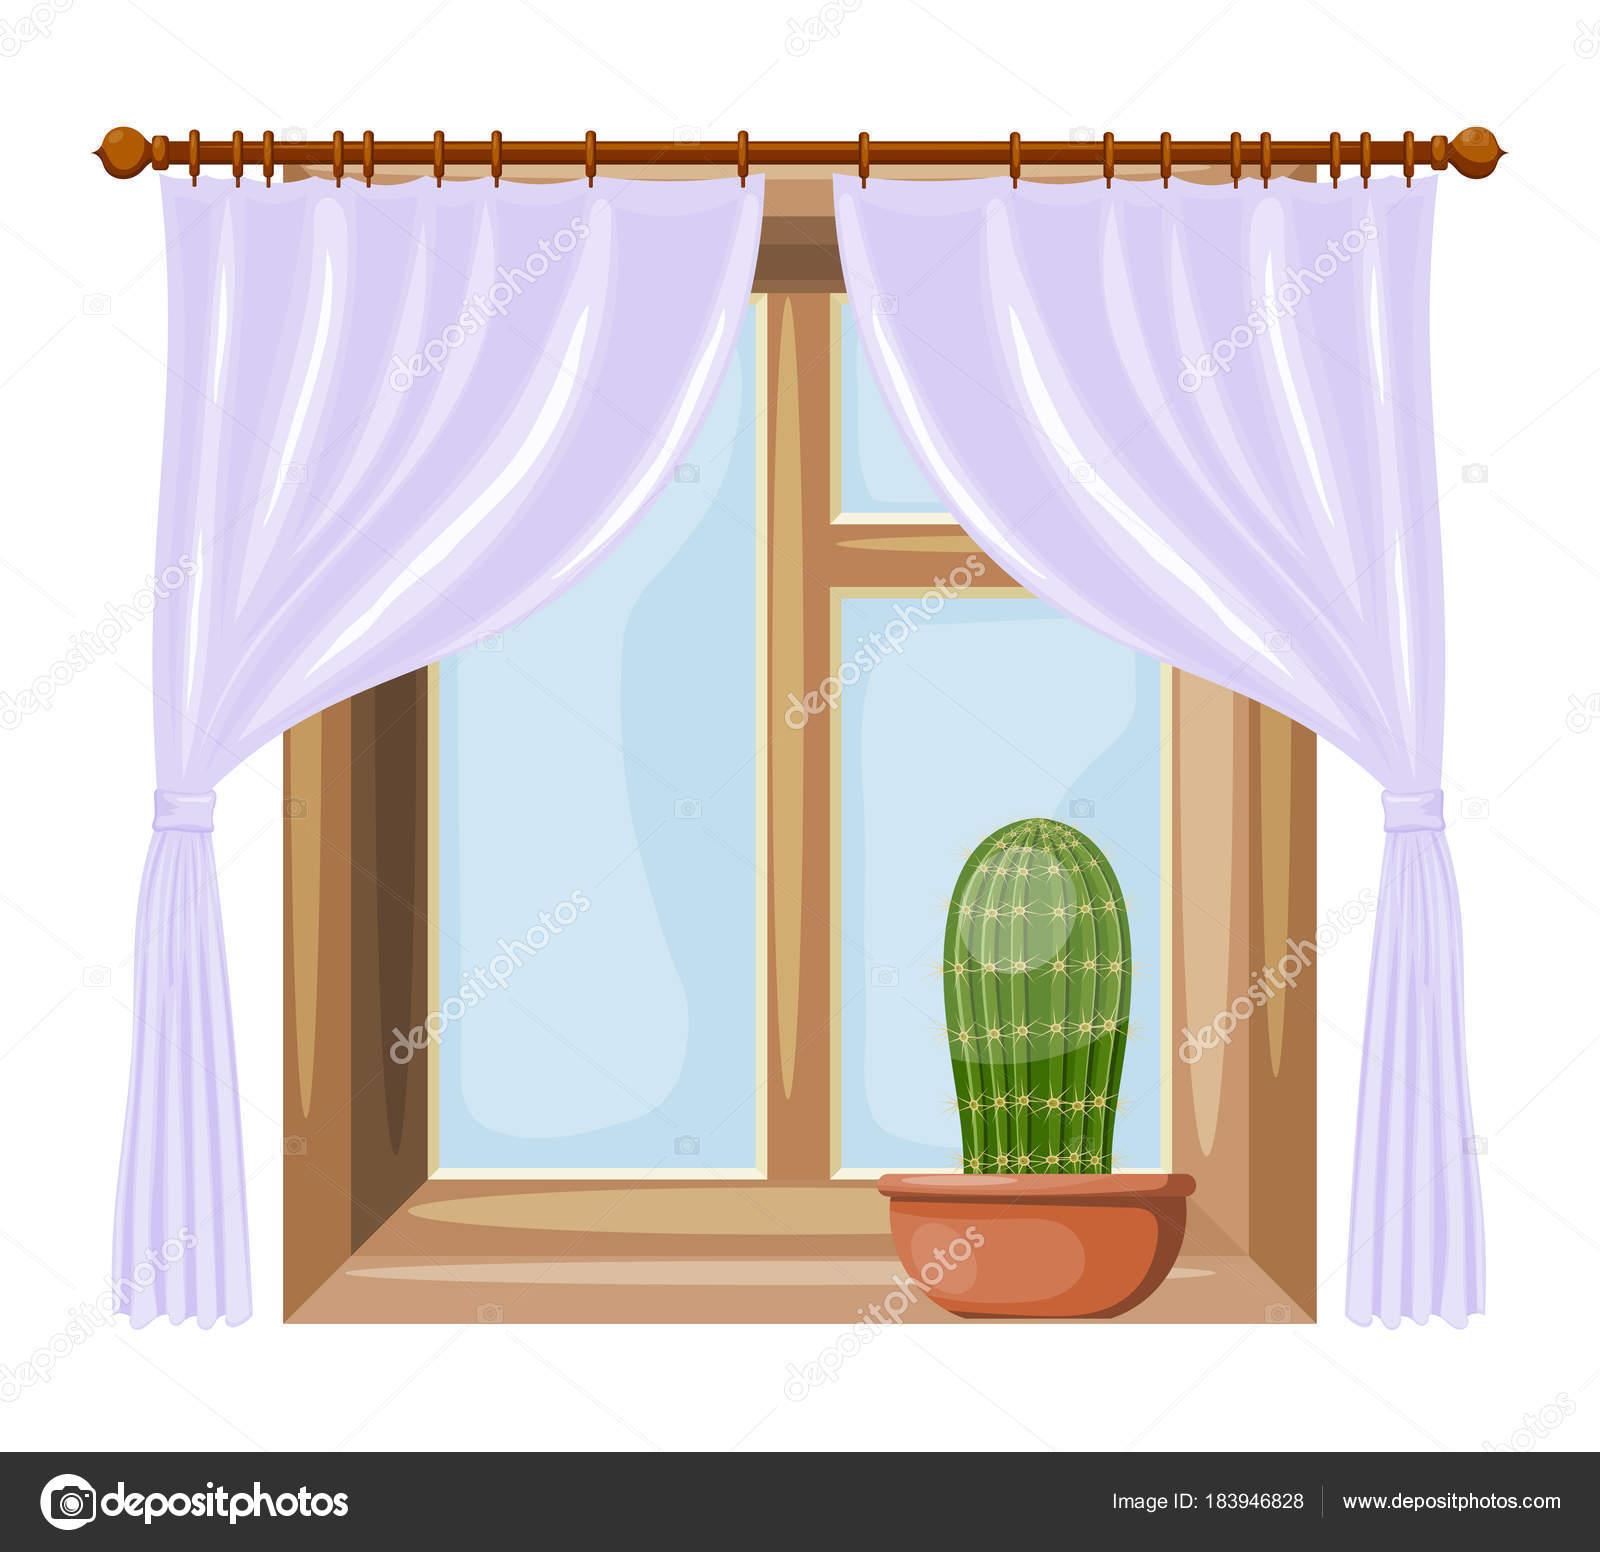 Color de ventanas de estilo de dibujos animados imagen con - Dibujos para cortinas ...